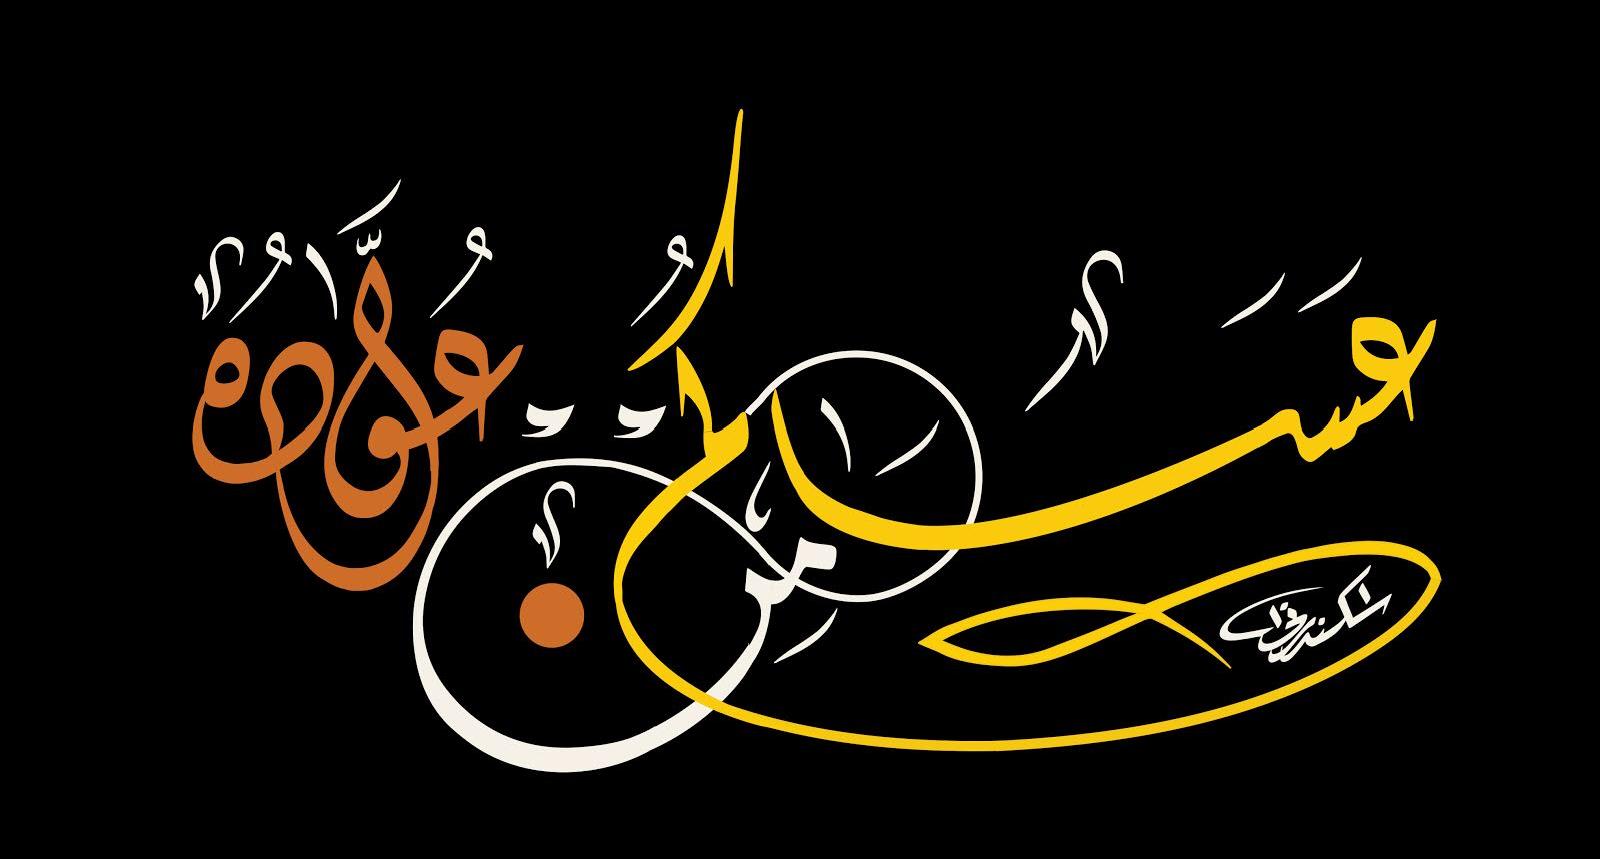 عساكم من عواده بخط الديواني من اعمال الخطاط احمد اسكندراني في مدينة جدة اضحى١٤٤٠ Arabic Calligraphy Caligraphy Calligraphy